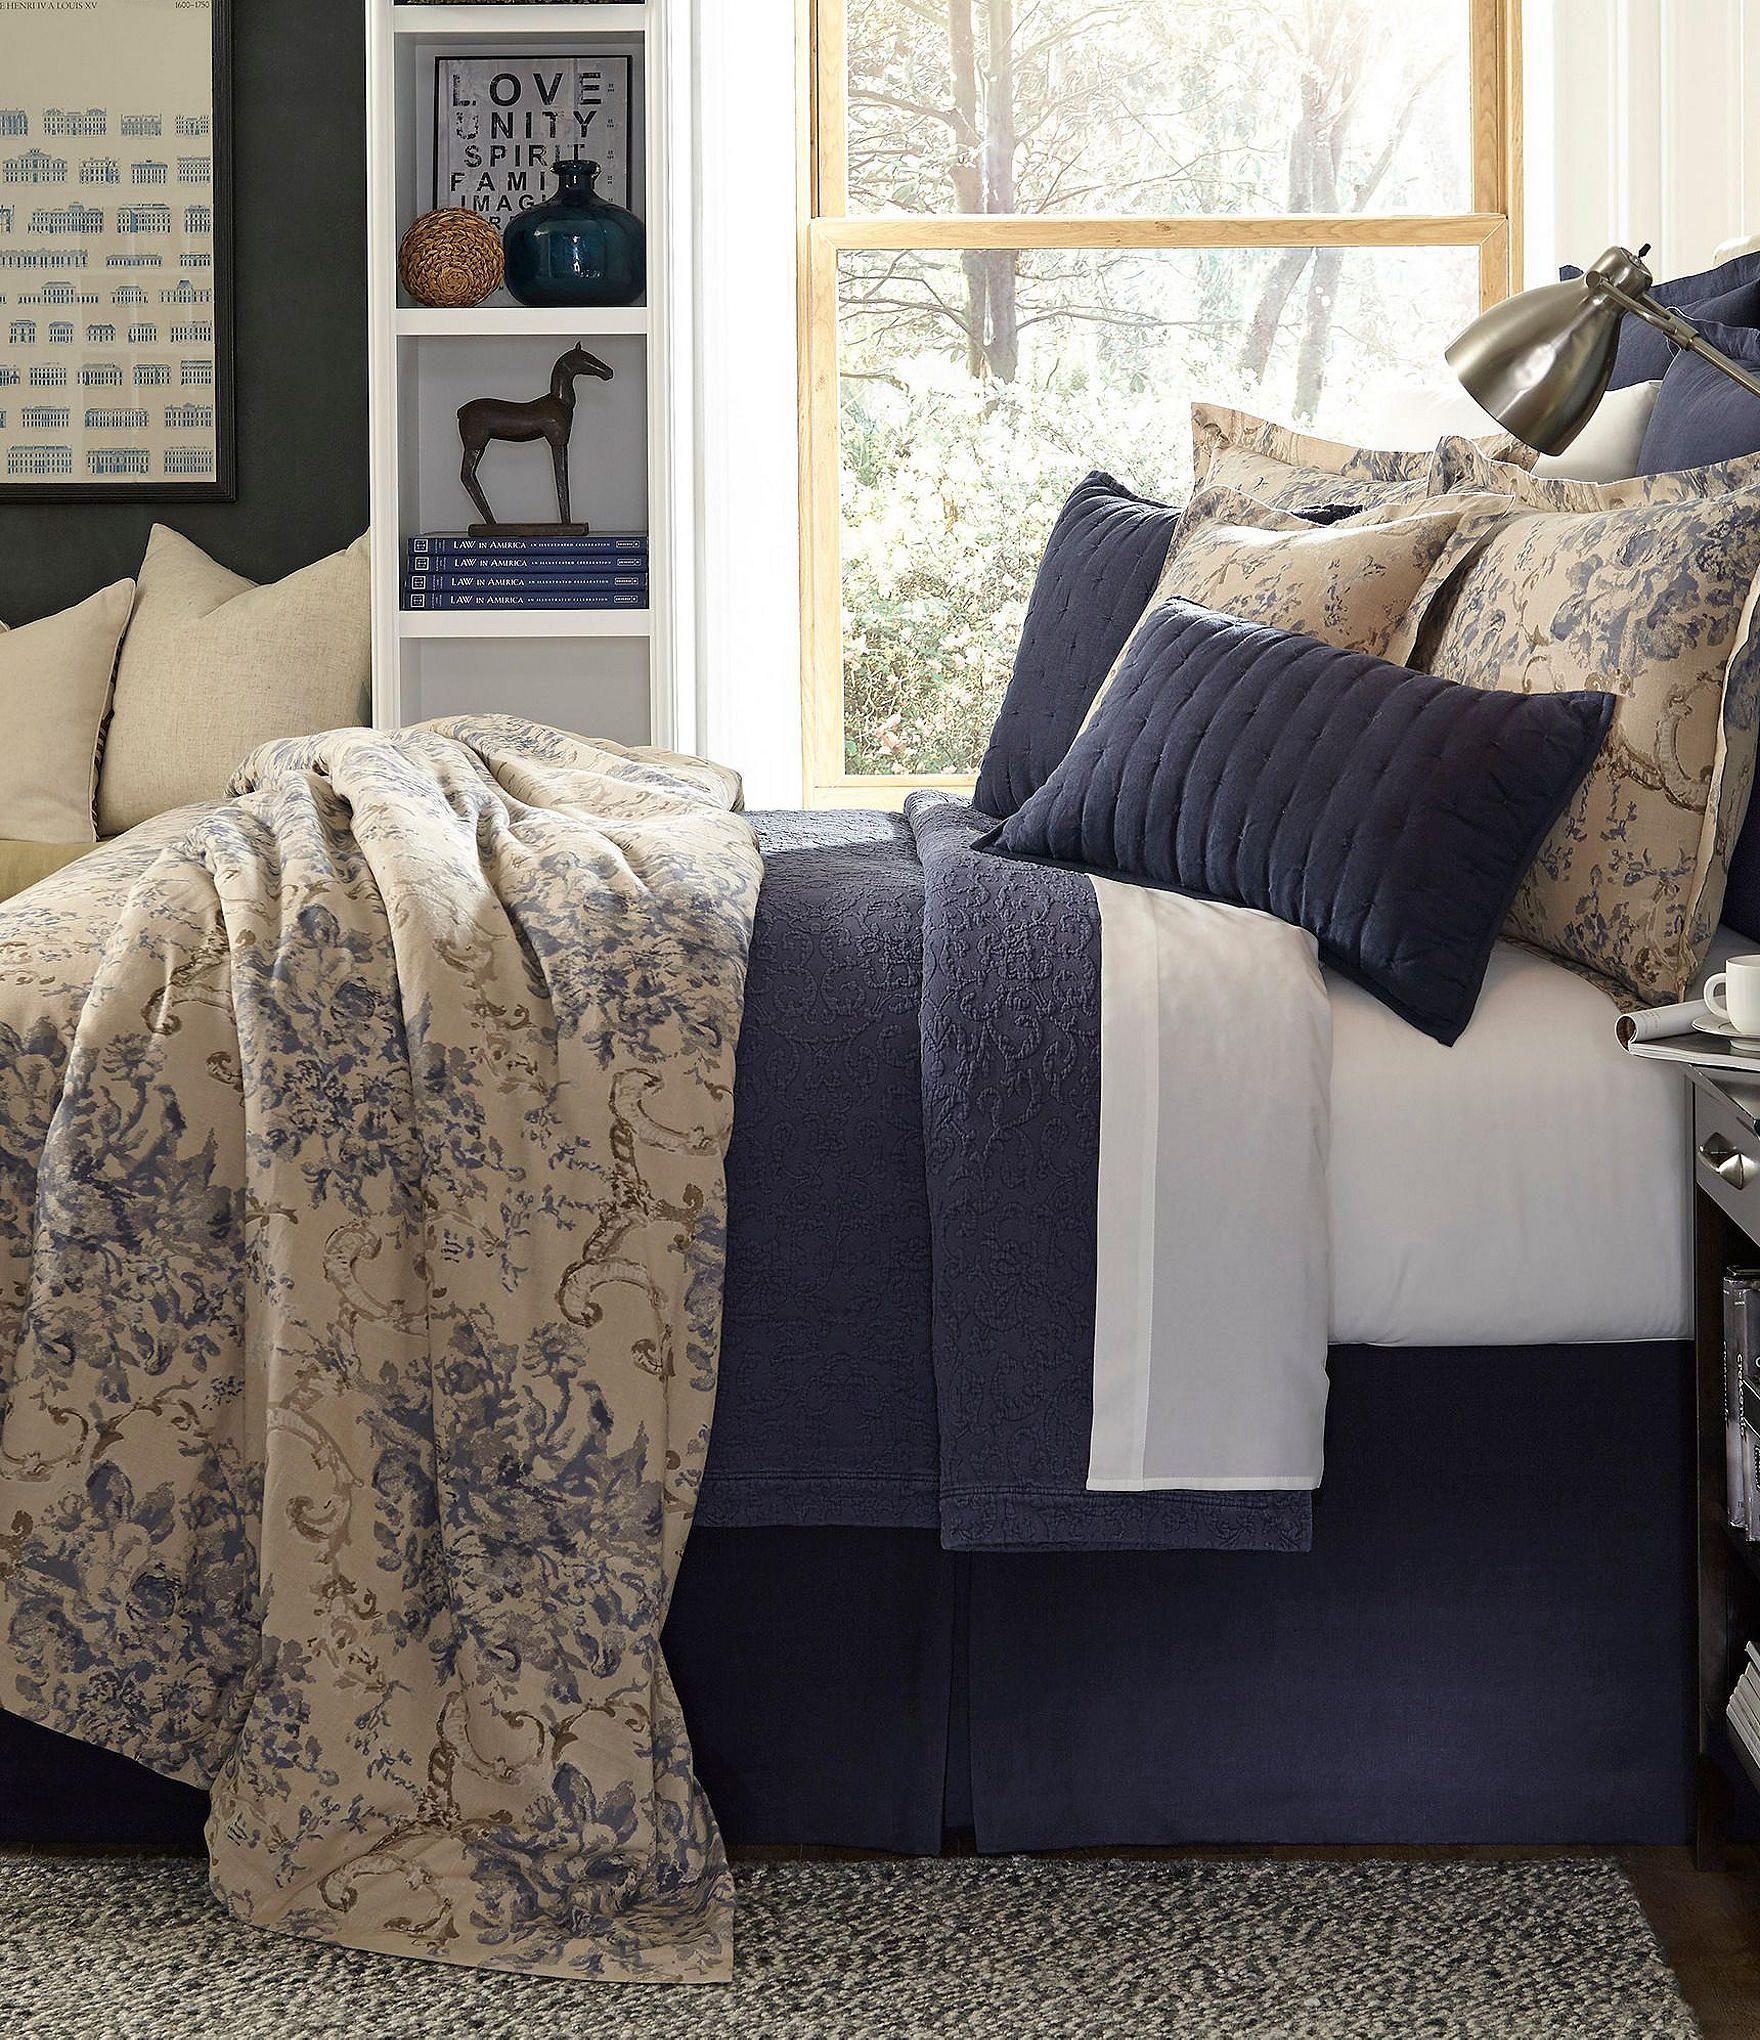 Dillards Home Decor: Noble Excellence Villa Signature Leighton Duvet Bedding